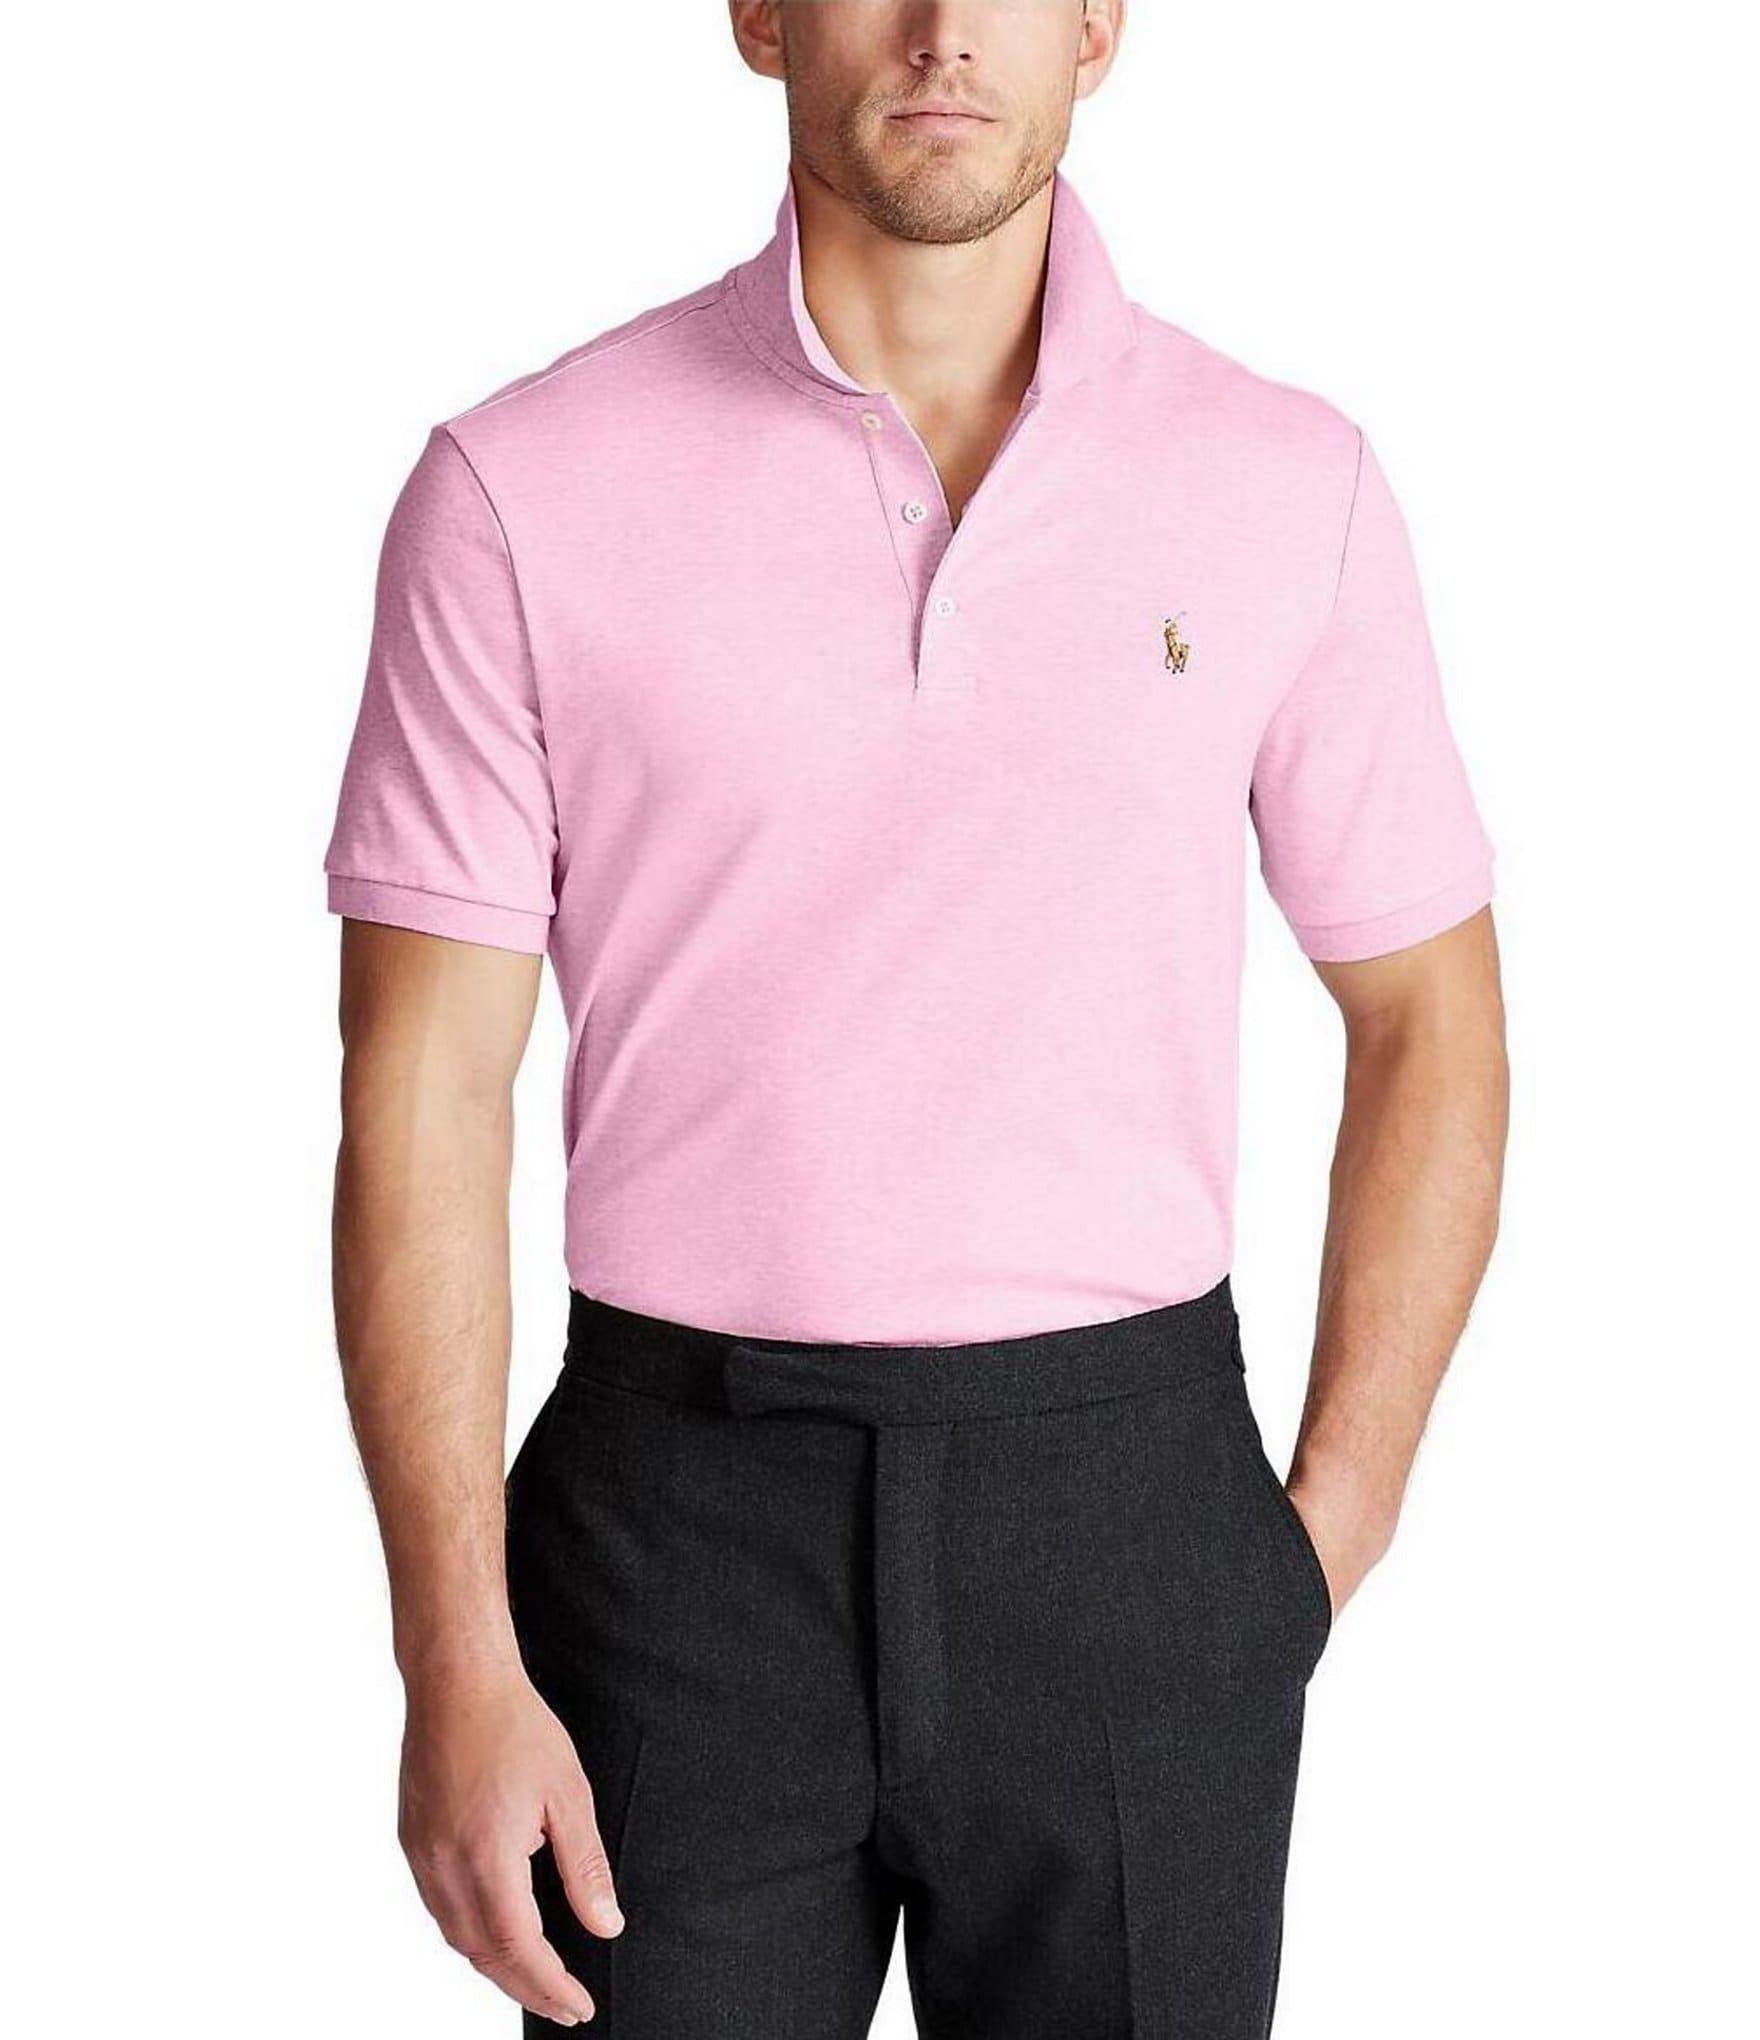 Pink Mens Casual Polo Shirts Dillards